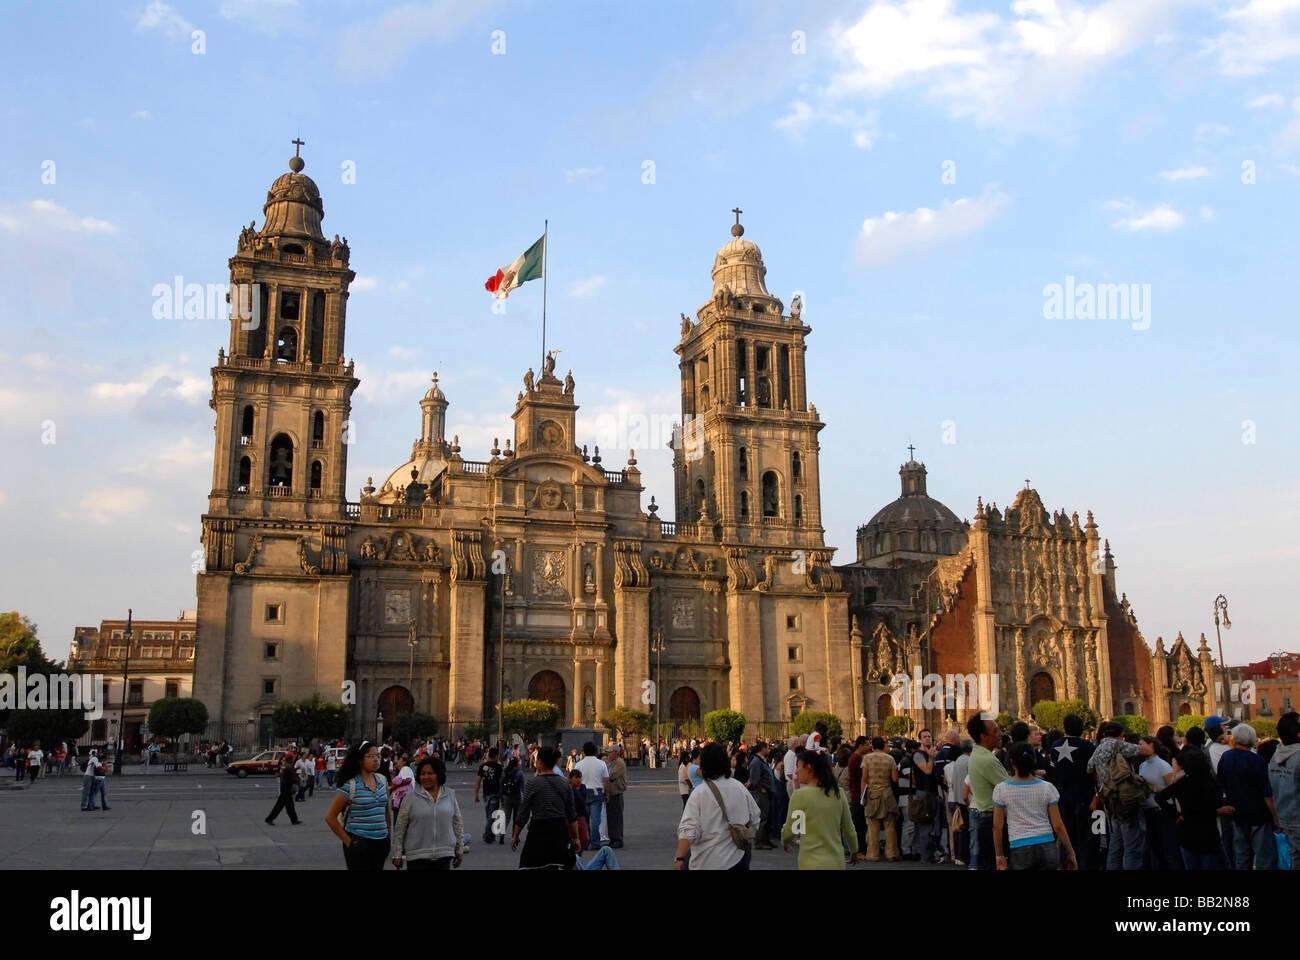 Catedral Metropolitana (Metropolitan Cathedral) in El Zocalo (Plaza de la Constitution) Mexico City, Mexico. - Stock Image